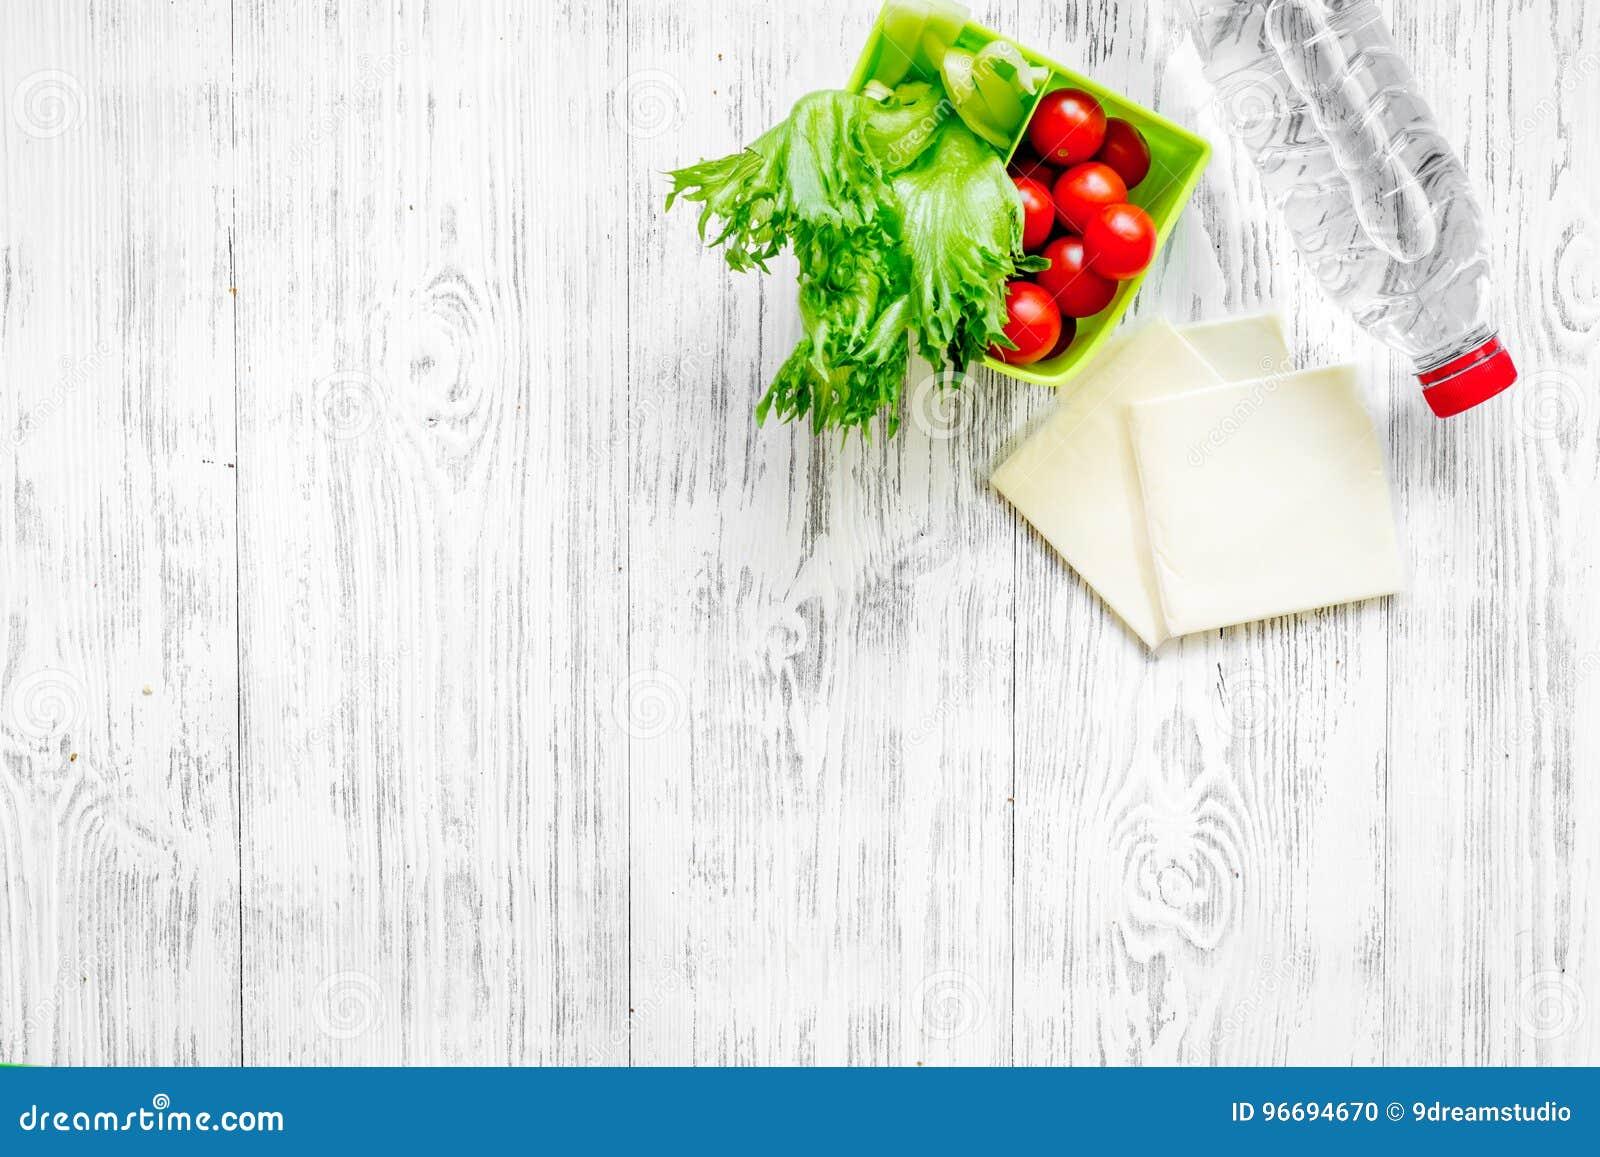 Gesundes Mittagessen Im Buro Brotdose Mit Tomate Salat Und Kase Auf